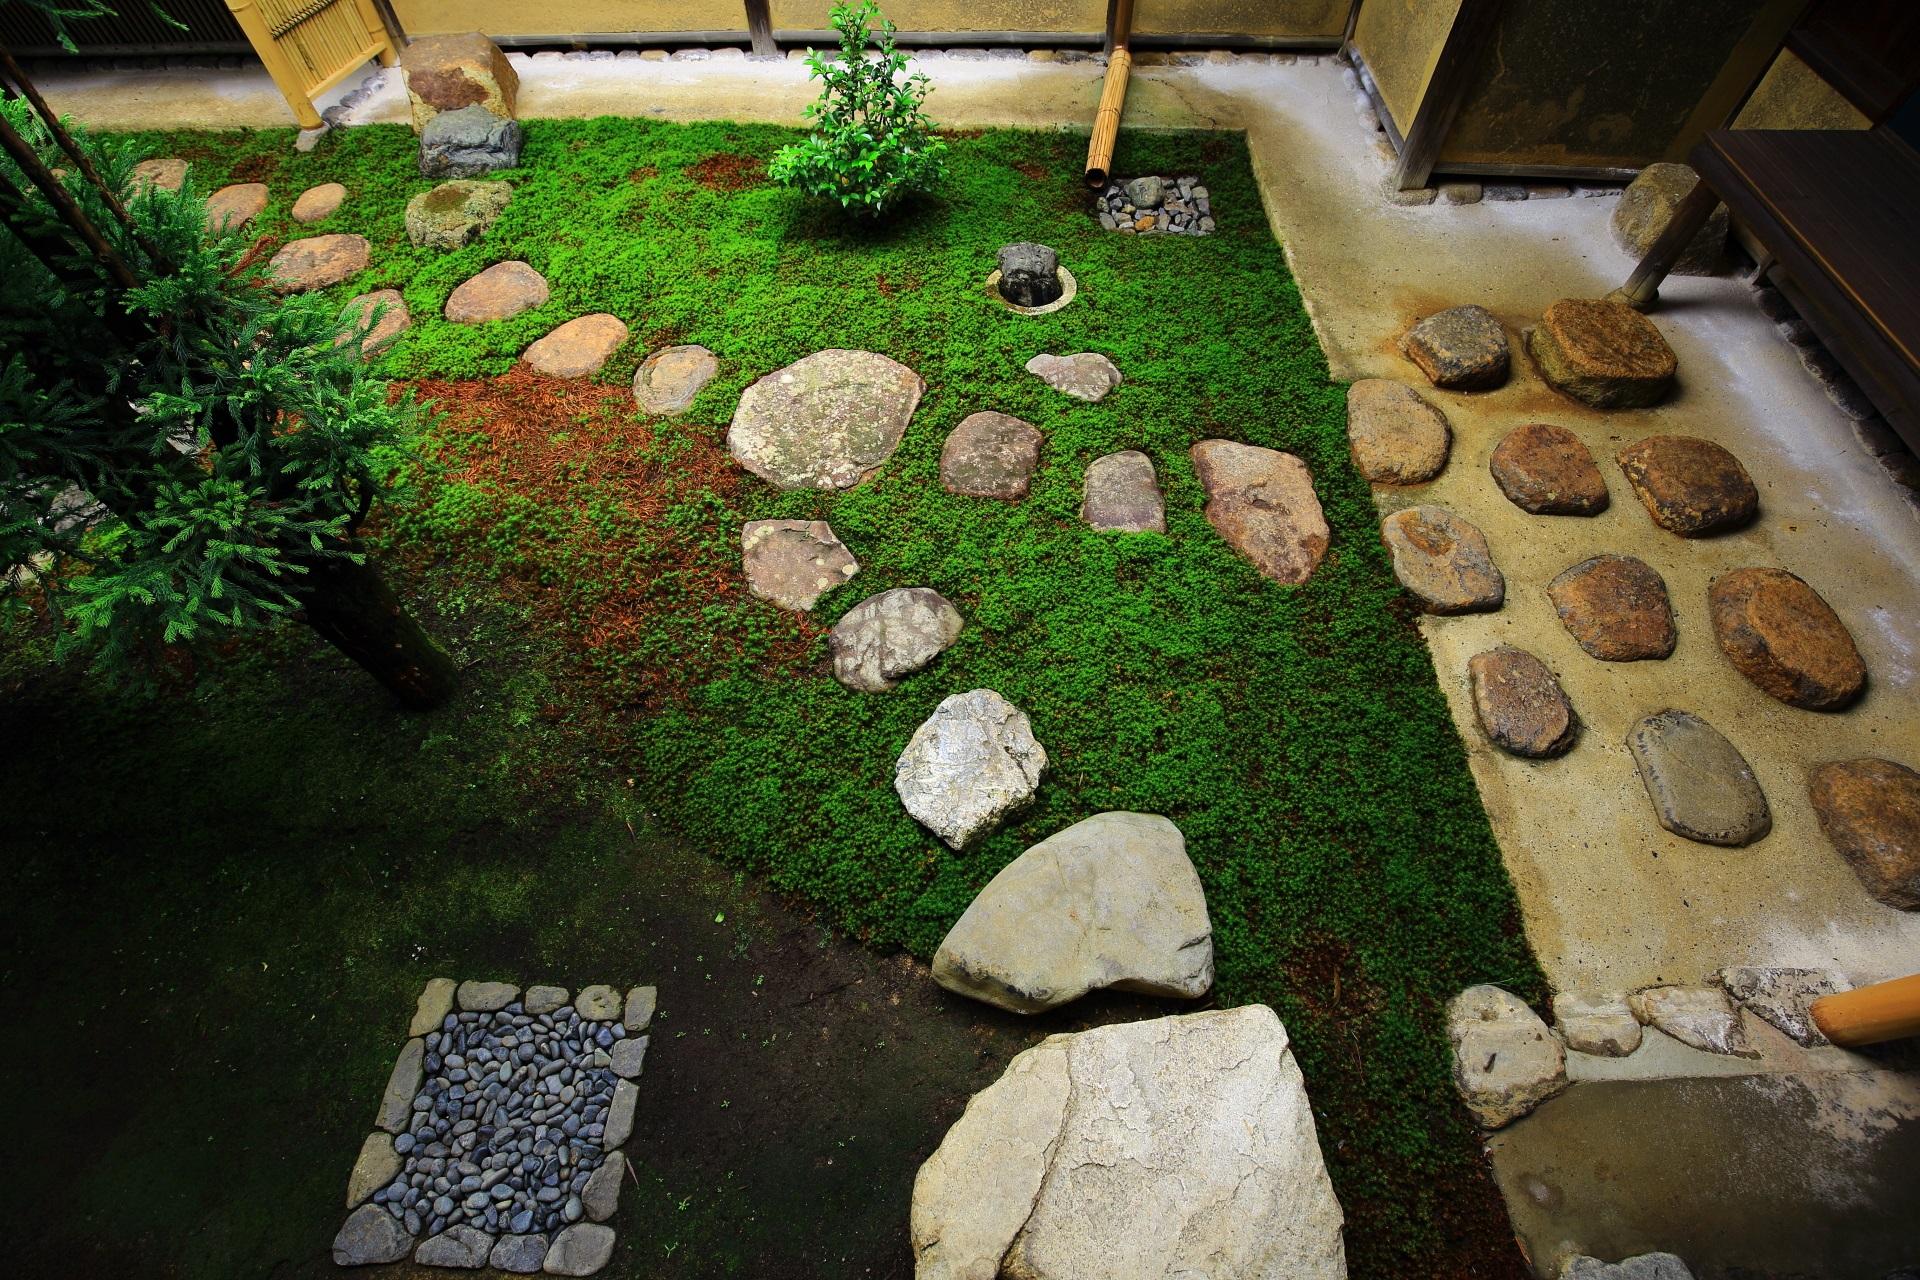 瑞峯院の苔と飛び石の風情ある露地庭